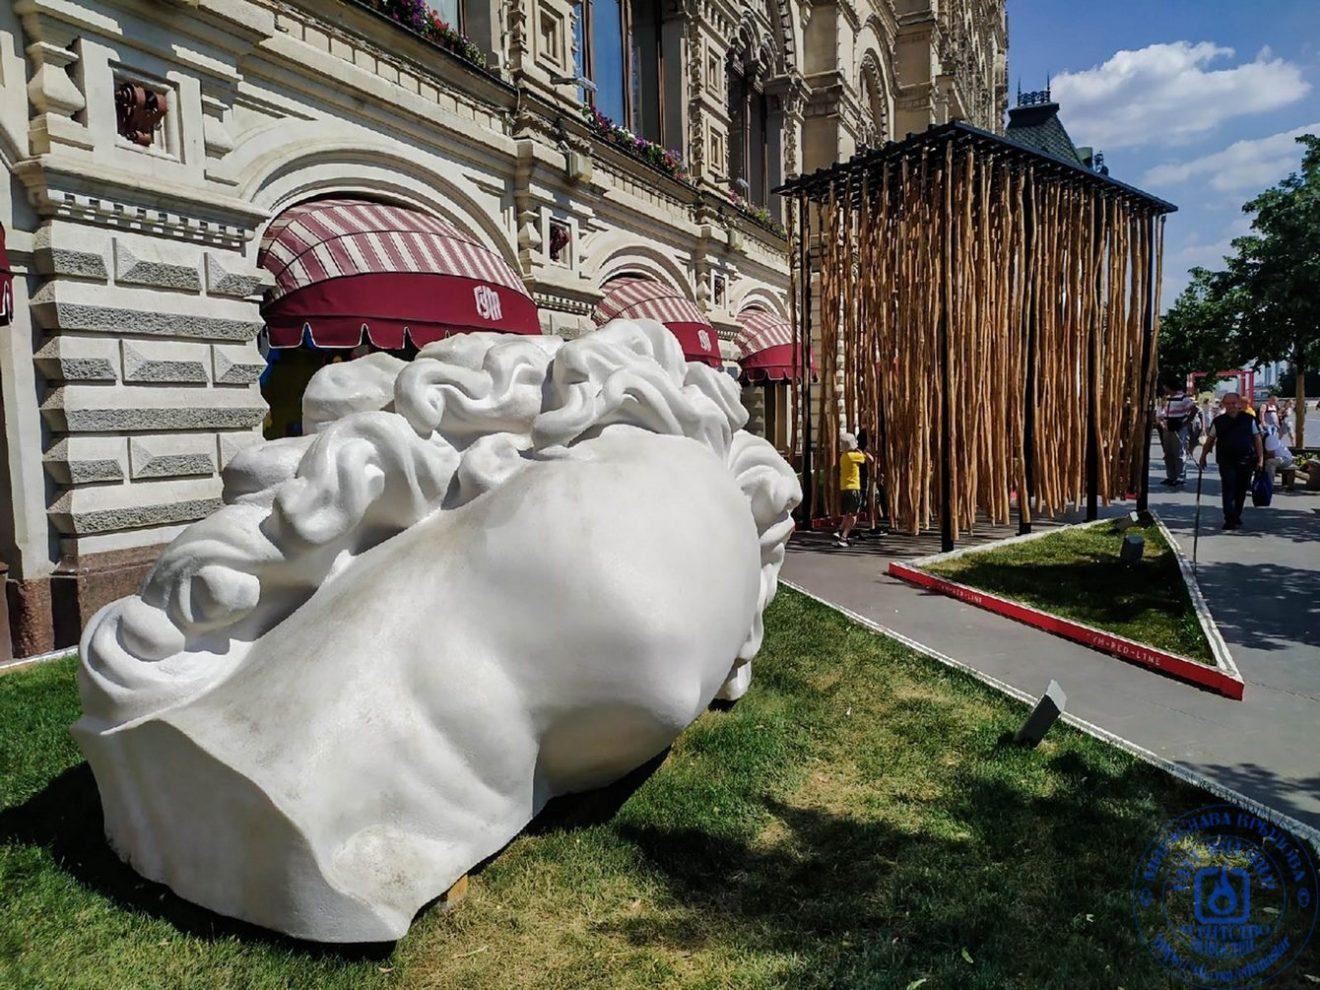 Голова женщины напечатана на 3-D принтаре - одна из скульптур выставки